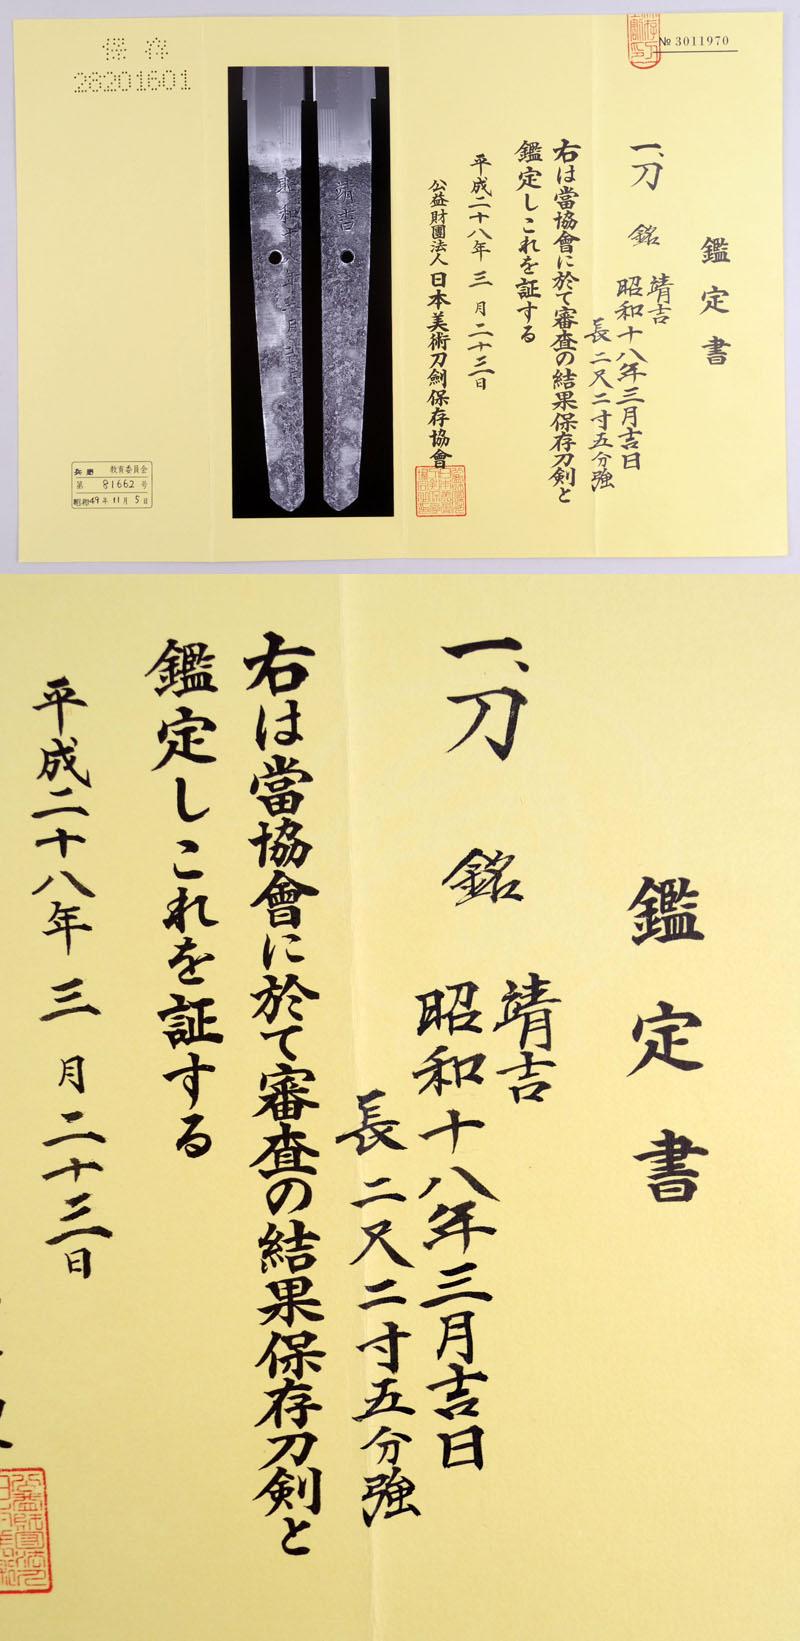 靖吉(安食 靖吉) Picture of Certificate